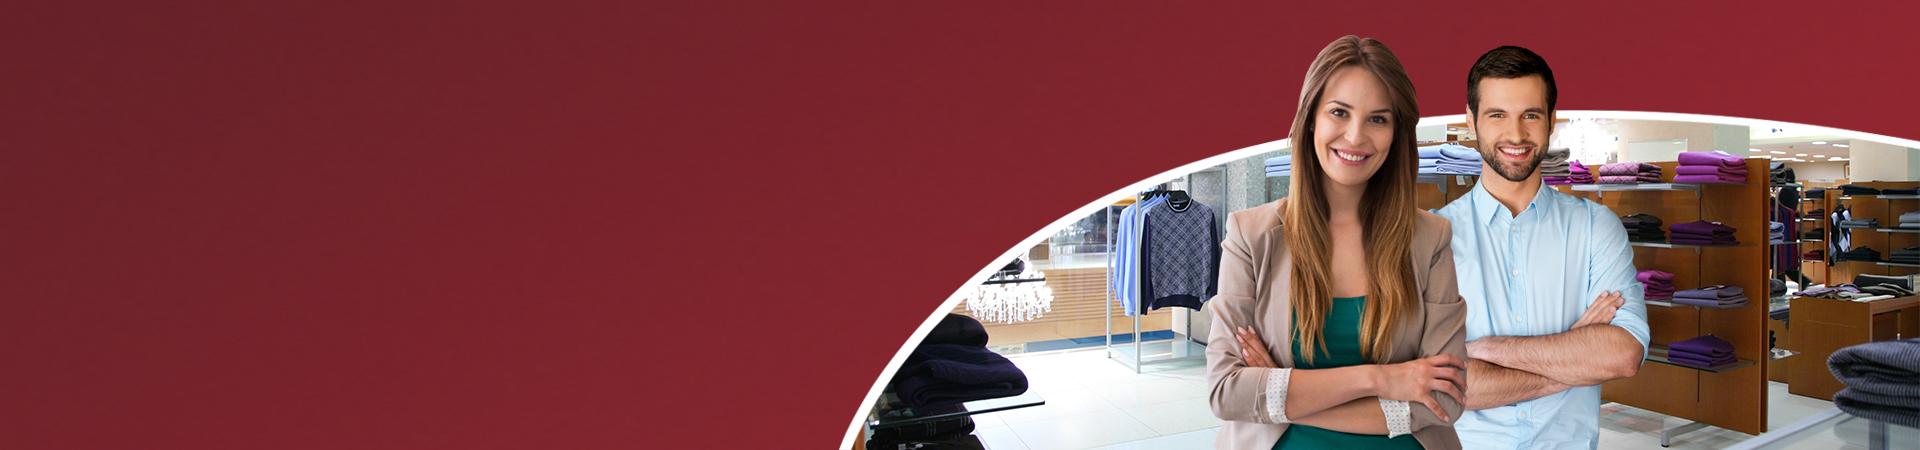 Pós-graduação Trade Marketing e Experiência do Shopper